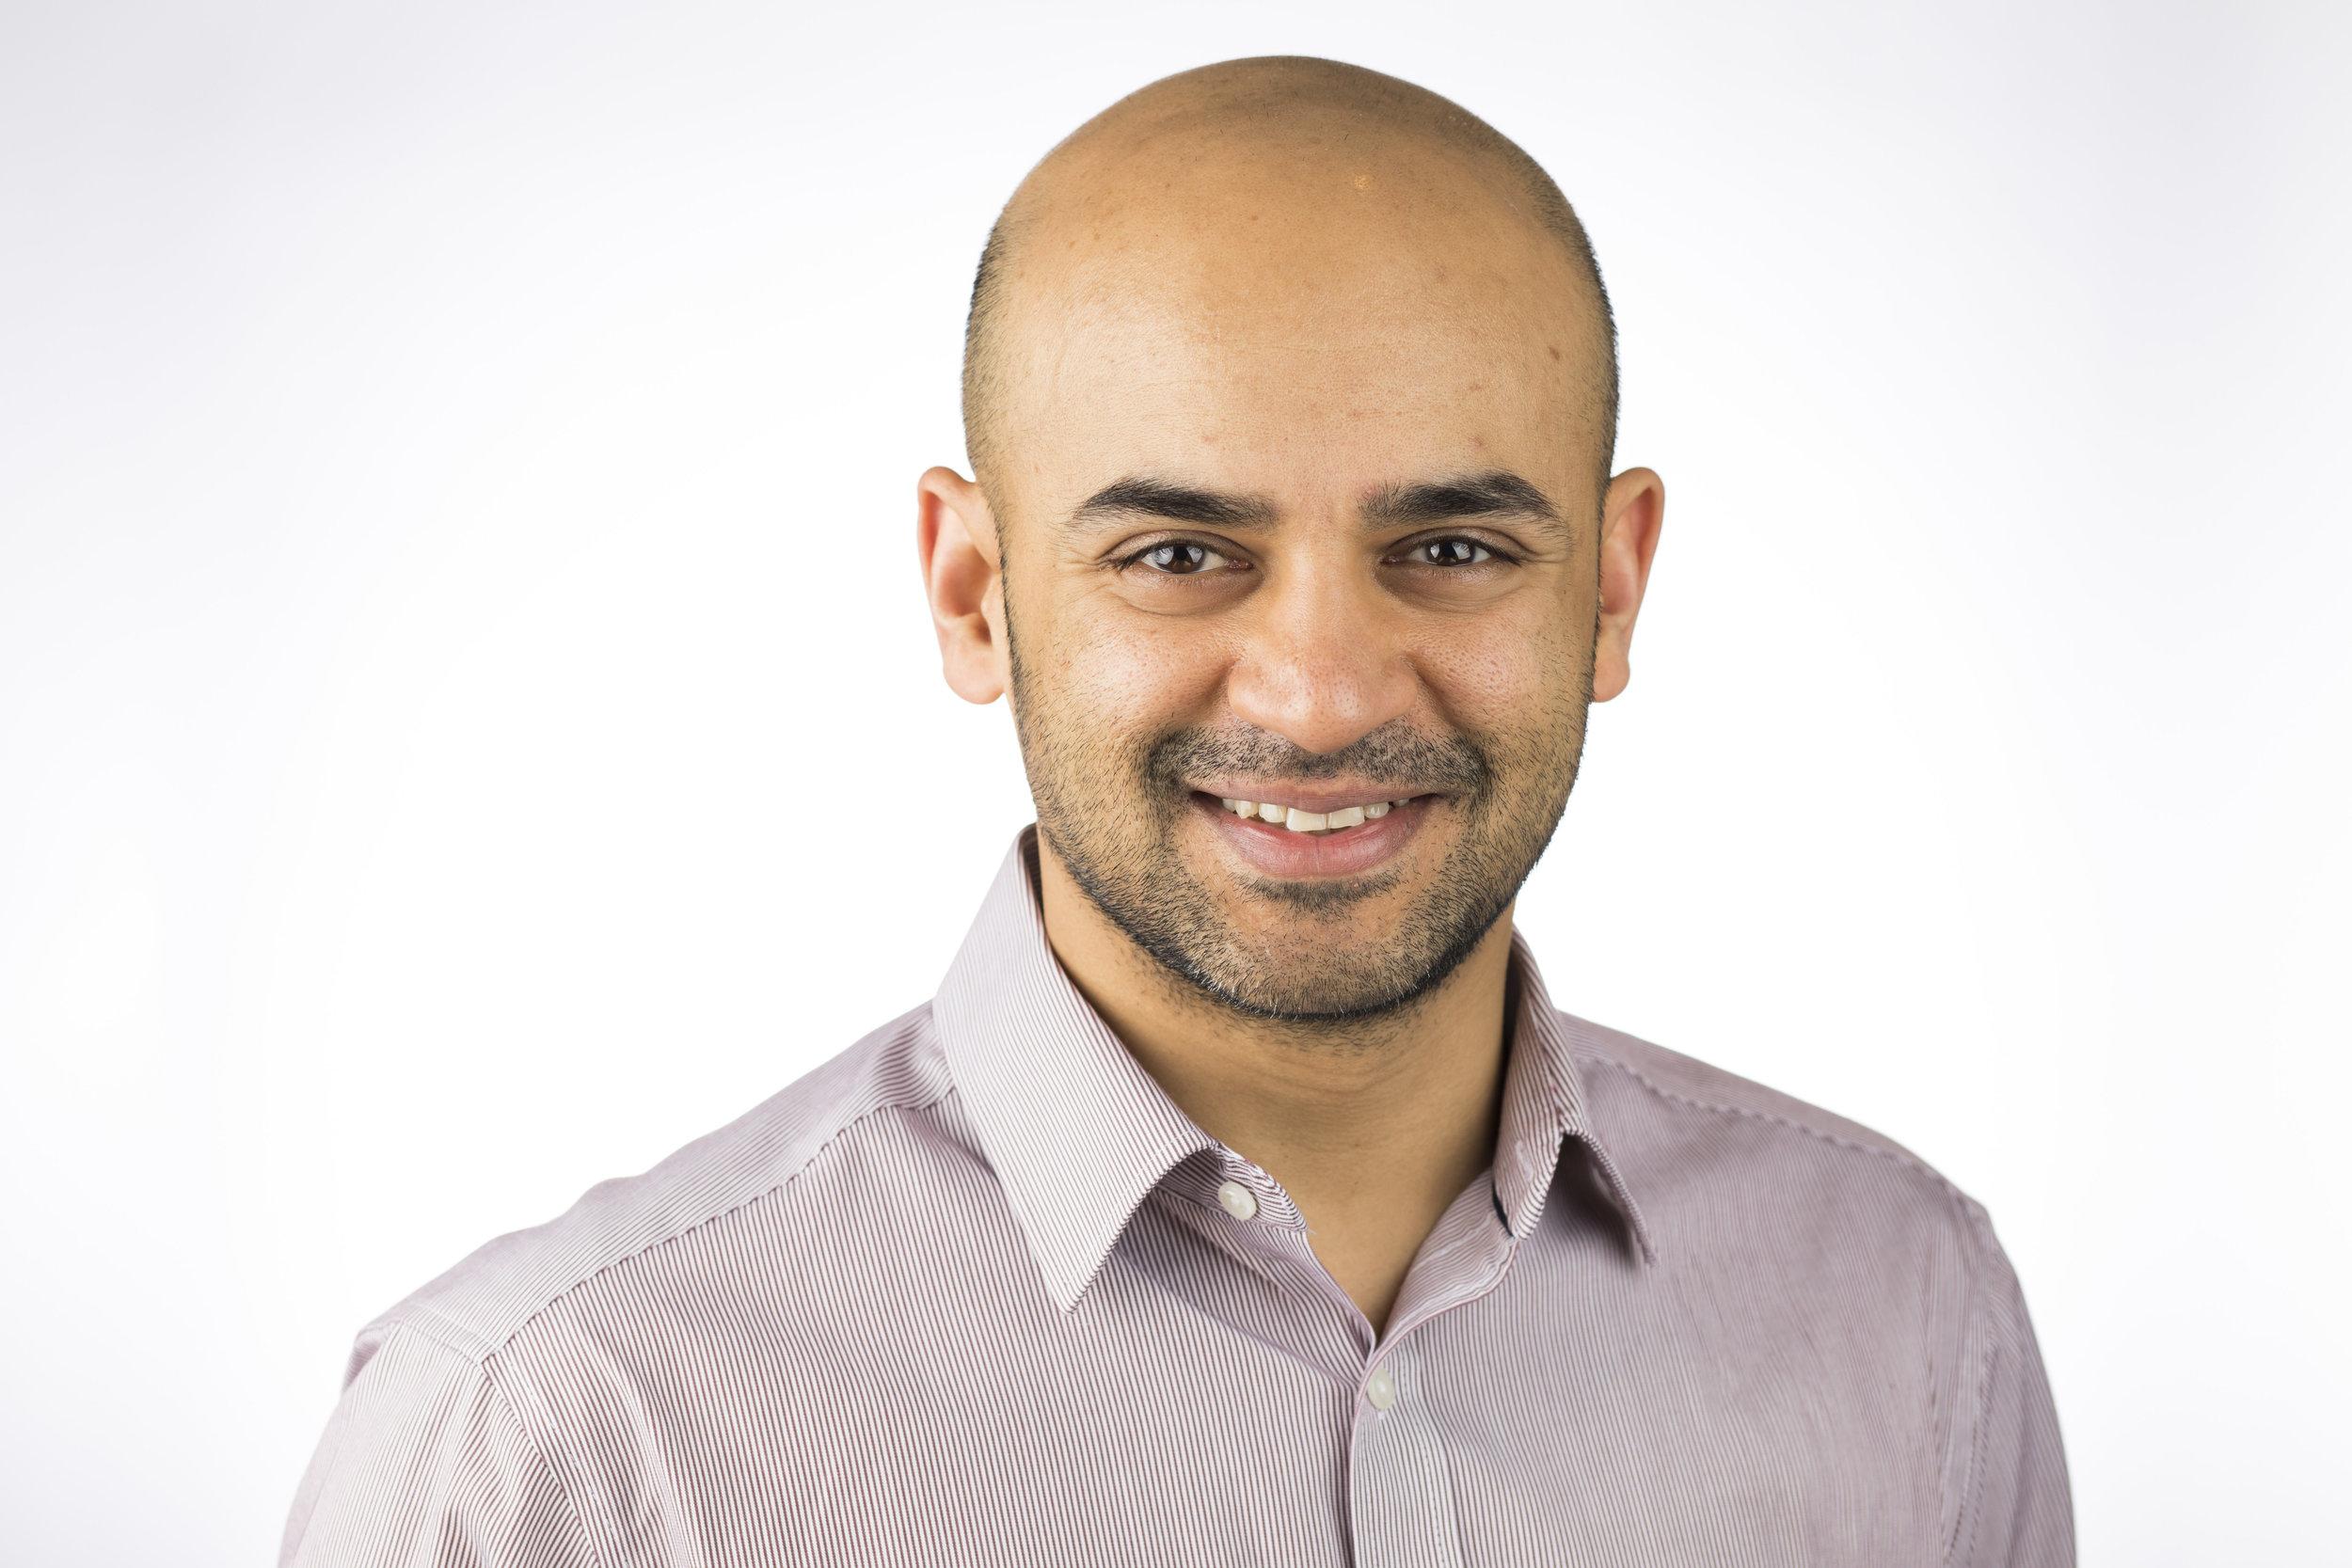 Dr Kaval Patel General Practitioner   MBBS, BMedSci(Hons.), MRCGP, FRACGP